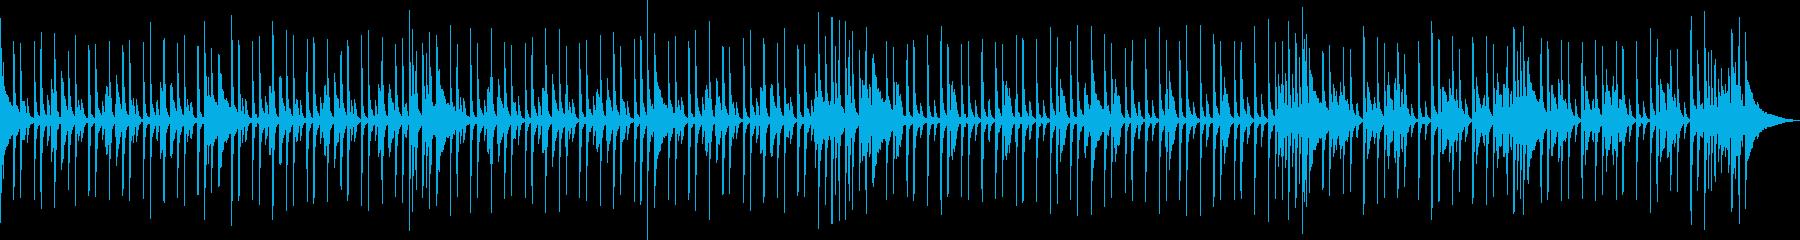 ドラムフレーズの再生済みの波形